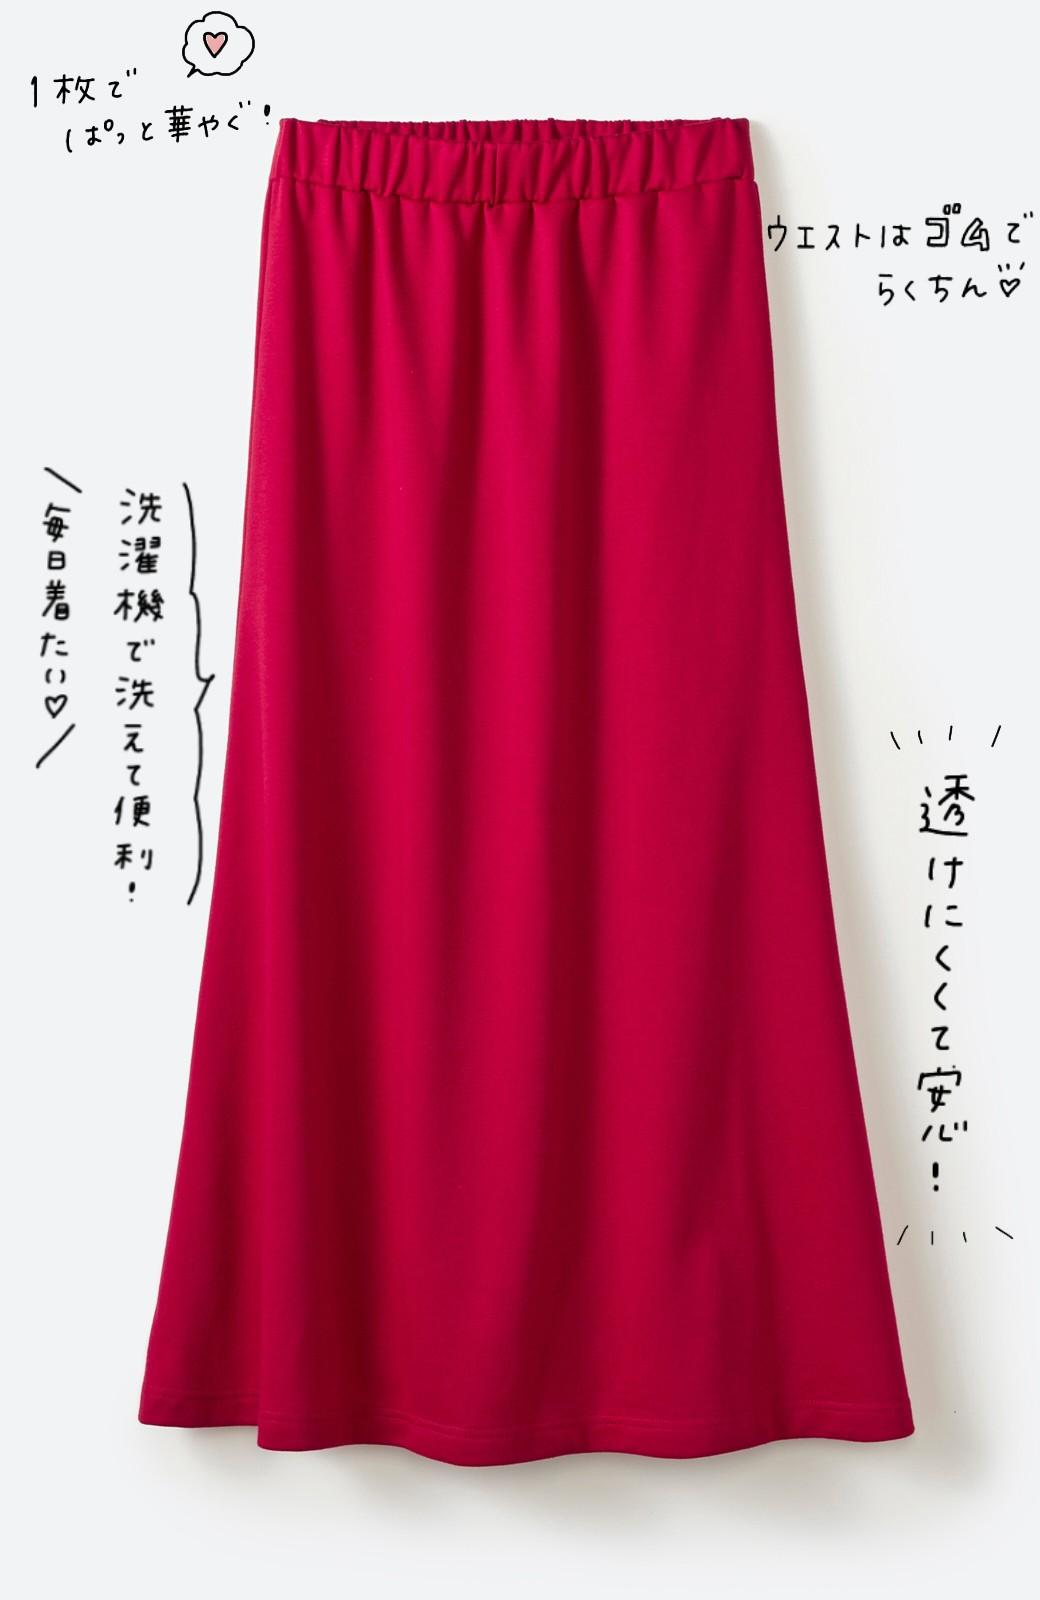 haco! 【洗濯機洗い可】日々に彩りをプラス!おしゃれ度と気分を上げてくれる綺麗色スカート <レッド>の商品写真3